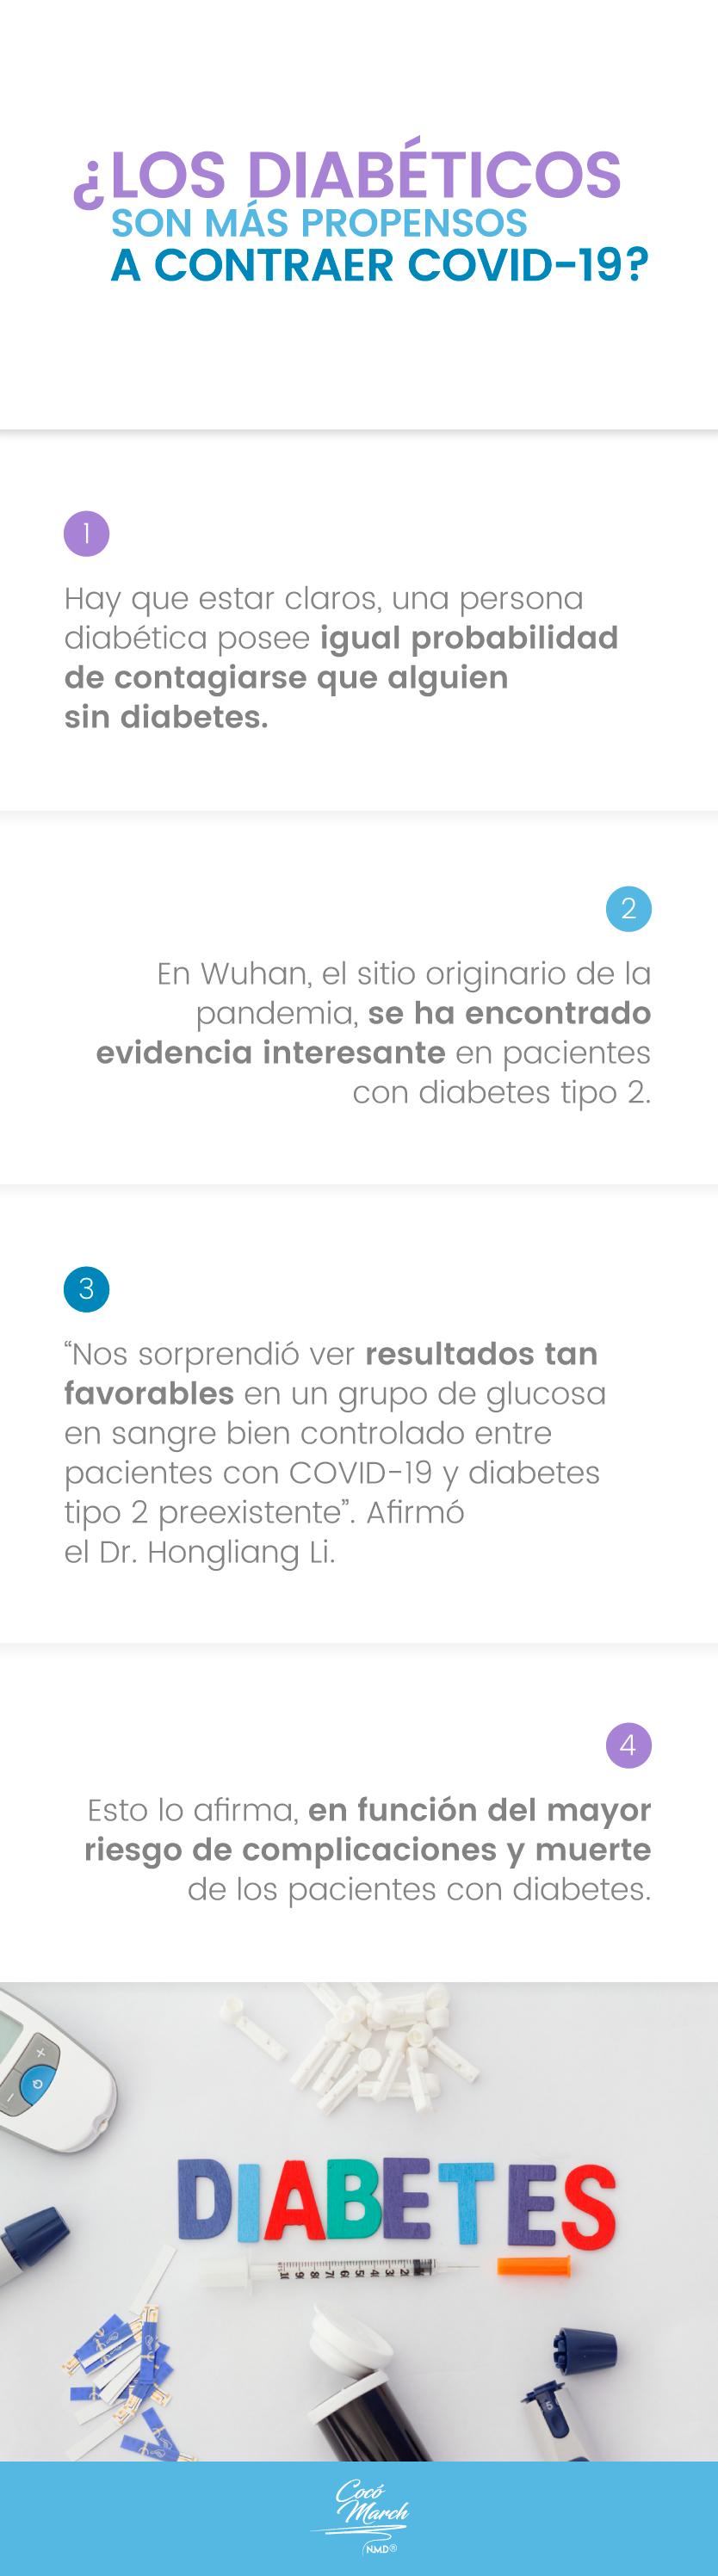 los-diabeticos-son-mas-propensos-a-contraer-covid-19